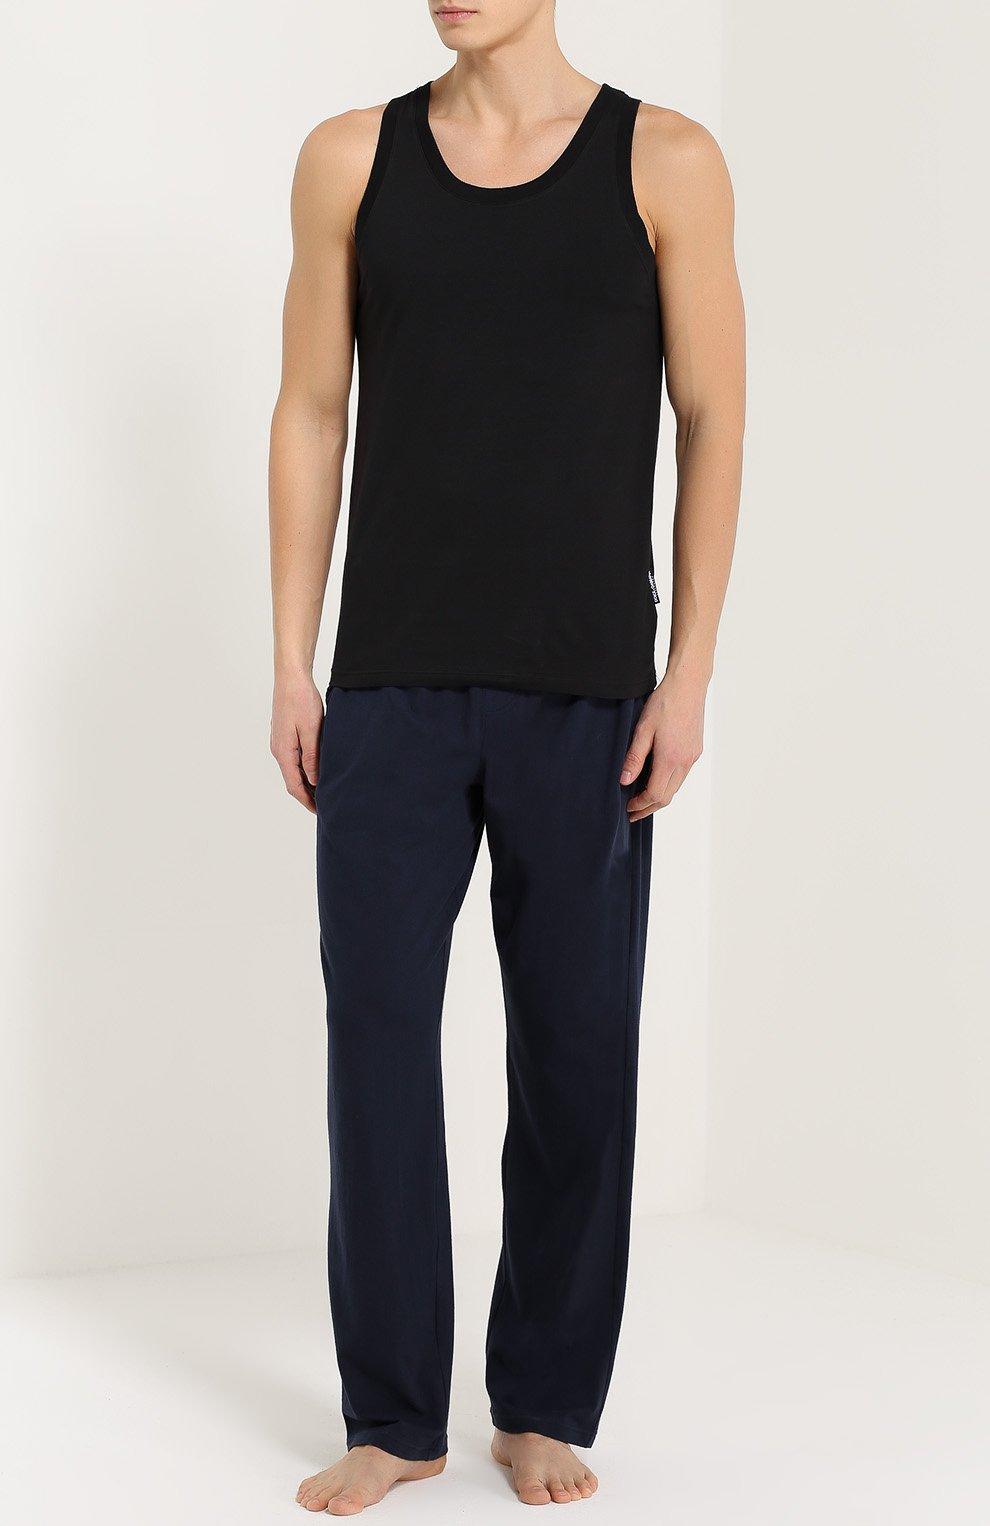 Купить домашние брюки мужские с доставкой